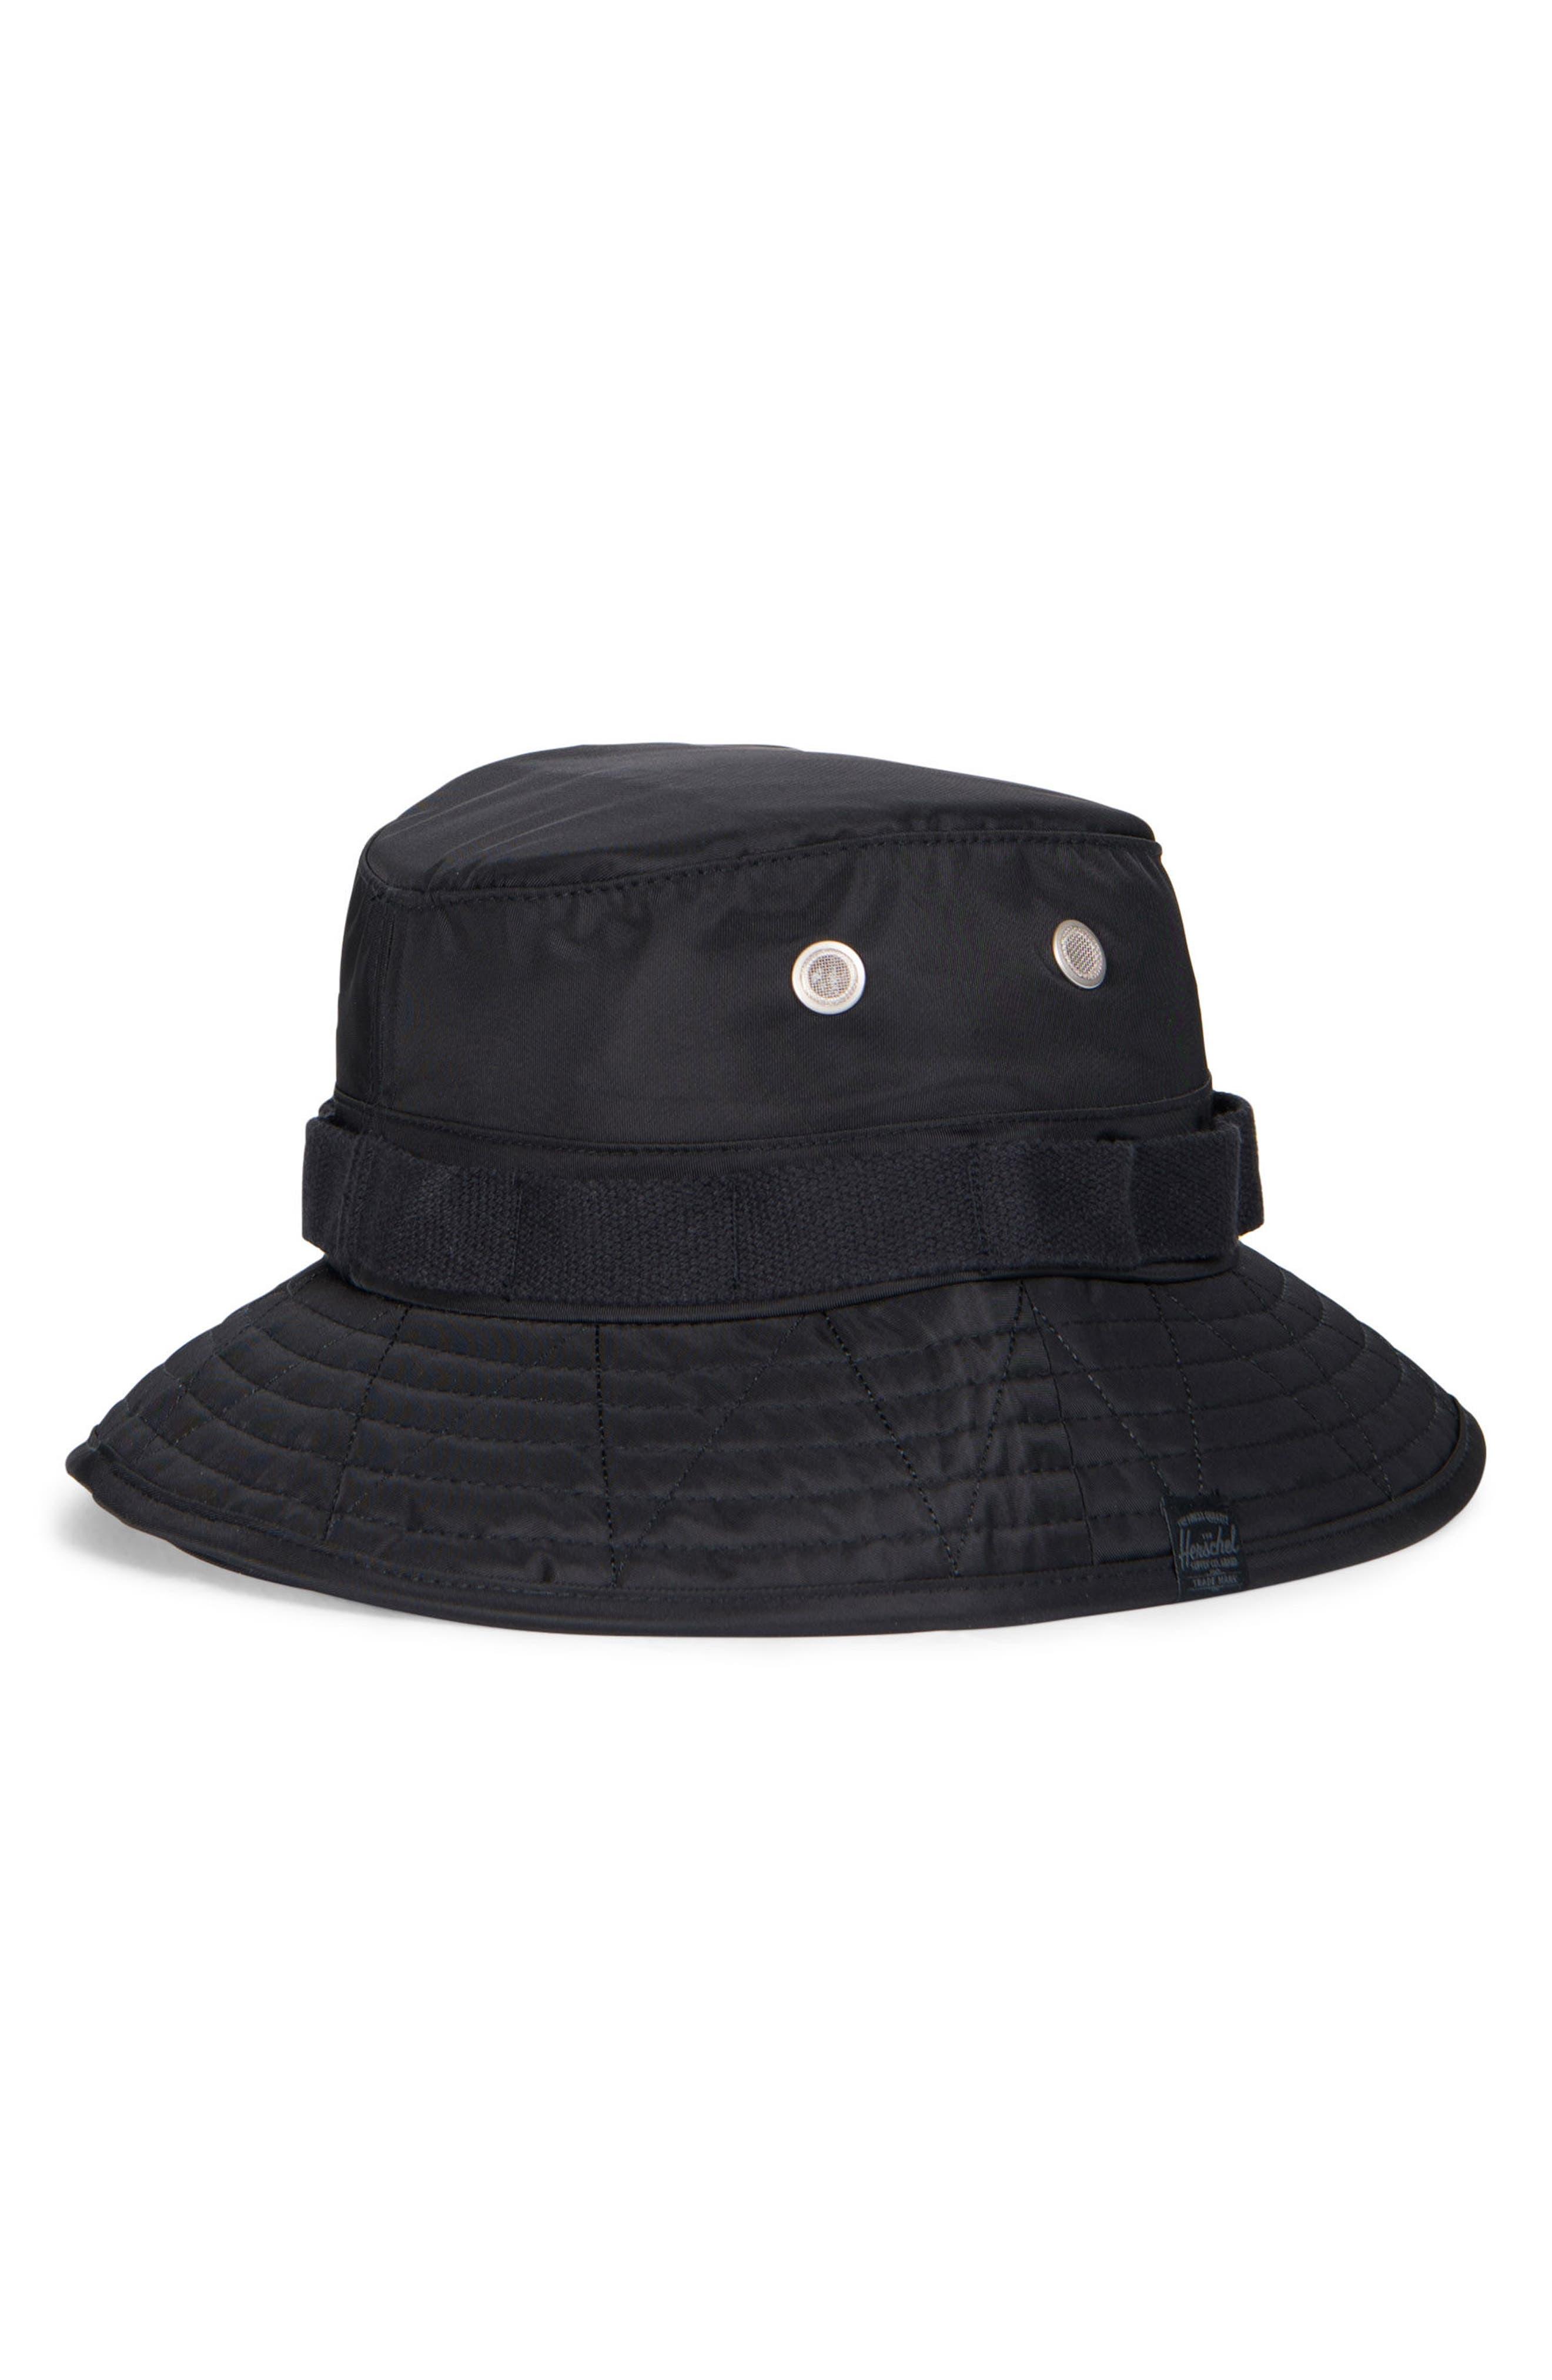 Creek Surplus Collection Bucket Hat,                             Alternate thumbnail 2, color,                             001